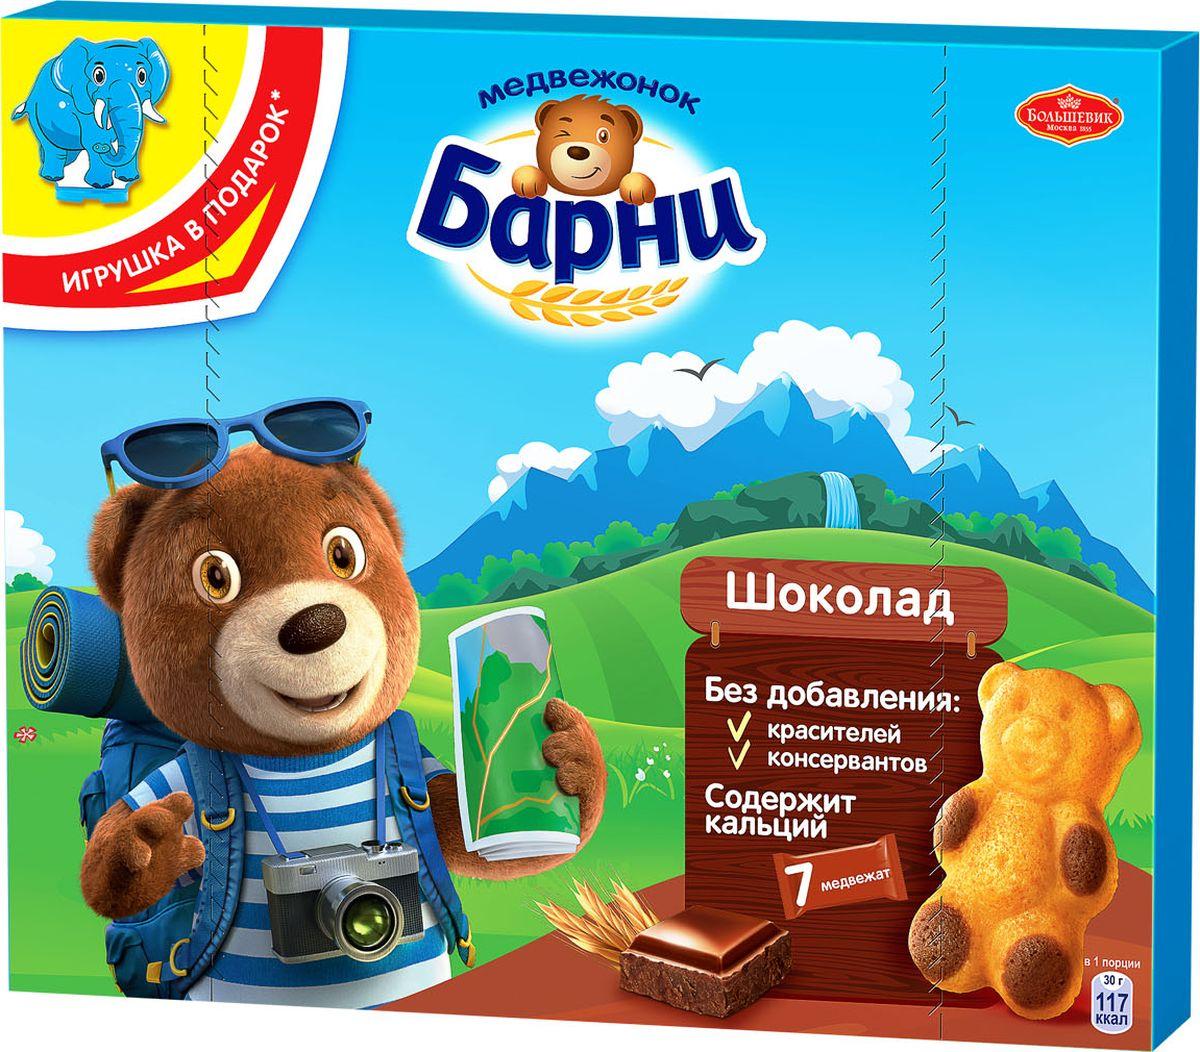 Барни Медвежонок пирожное бисквитное с шоколадной начинкой, 210 г kinder delice пирожное бисквитное покрытое какао глазурью с молочной начинкой 39 г